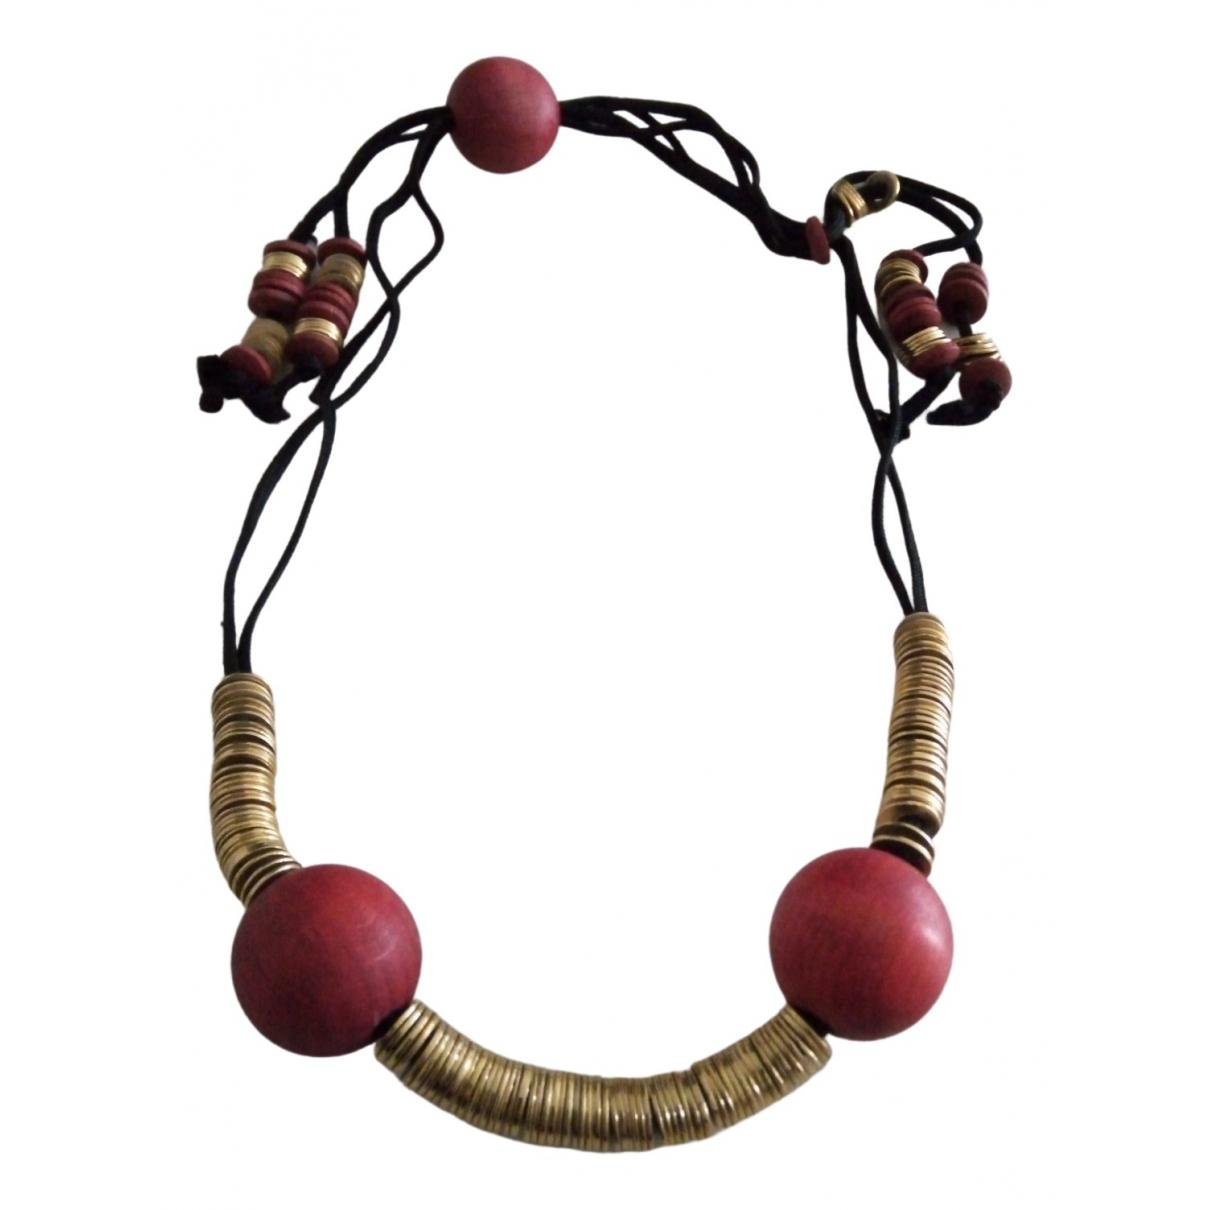 - Collier Motifs Ethniques pour femme en metal